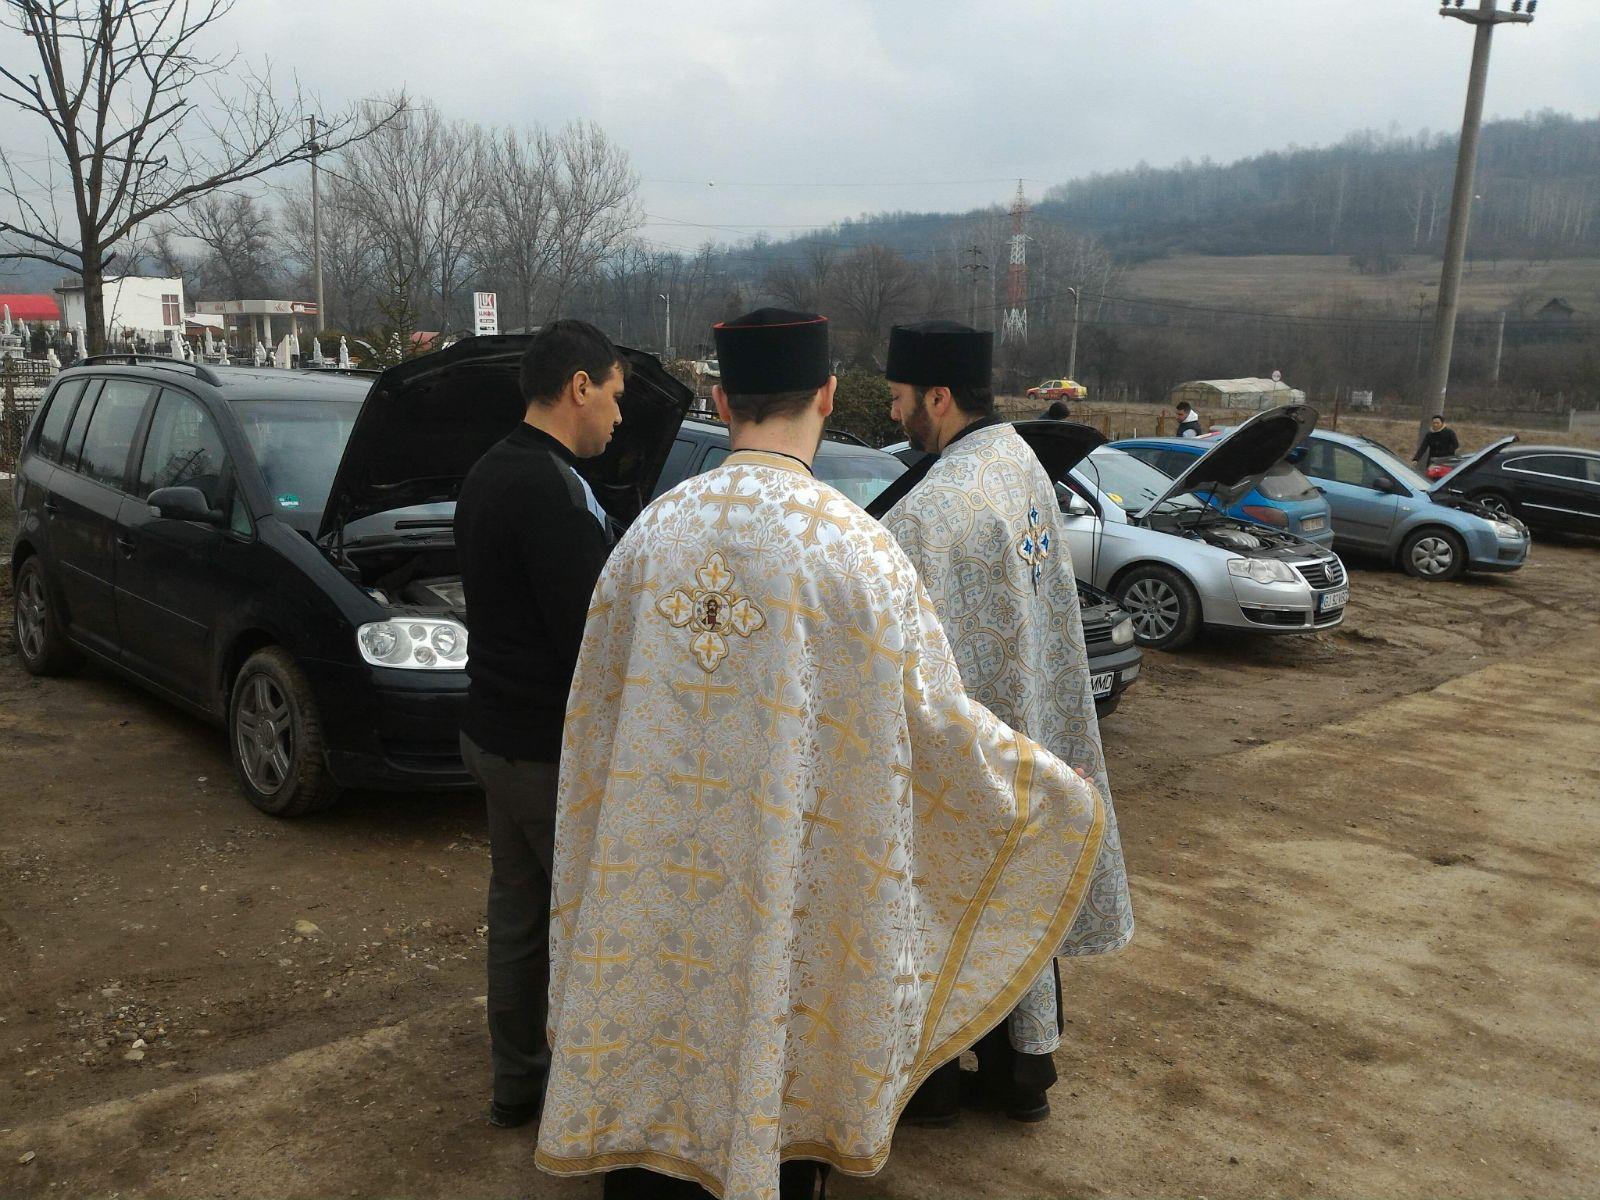 Preot din Motru, la sfinţit maşinile din Gorj: Se face rânduiala, nu se face niciun abracadabra sau altceva / Slujba de binecuvântare, anunţată pe Facebook